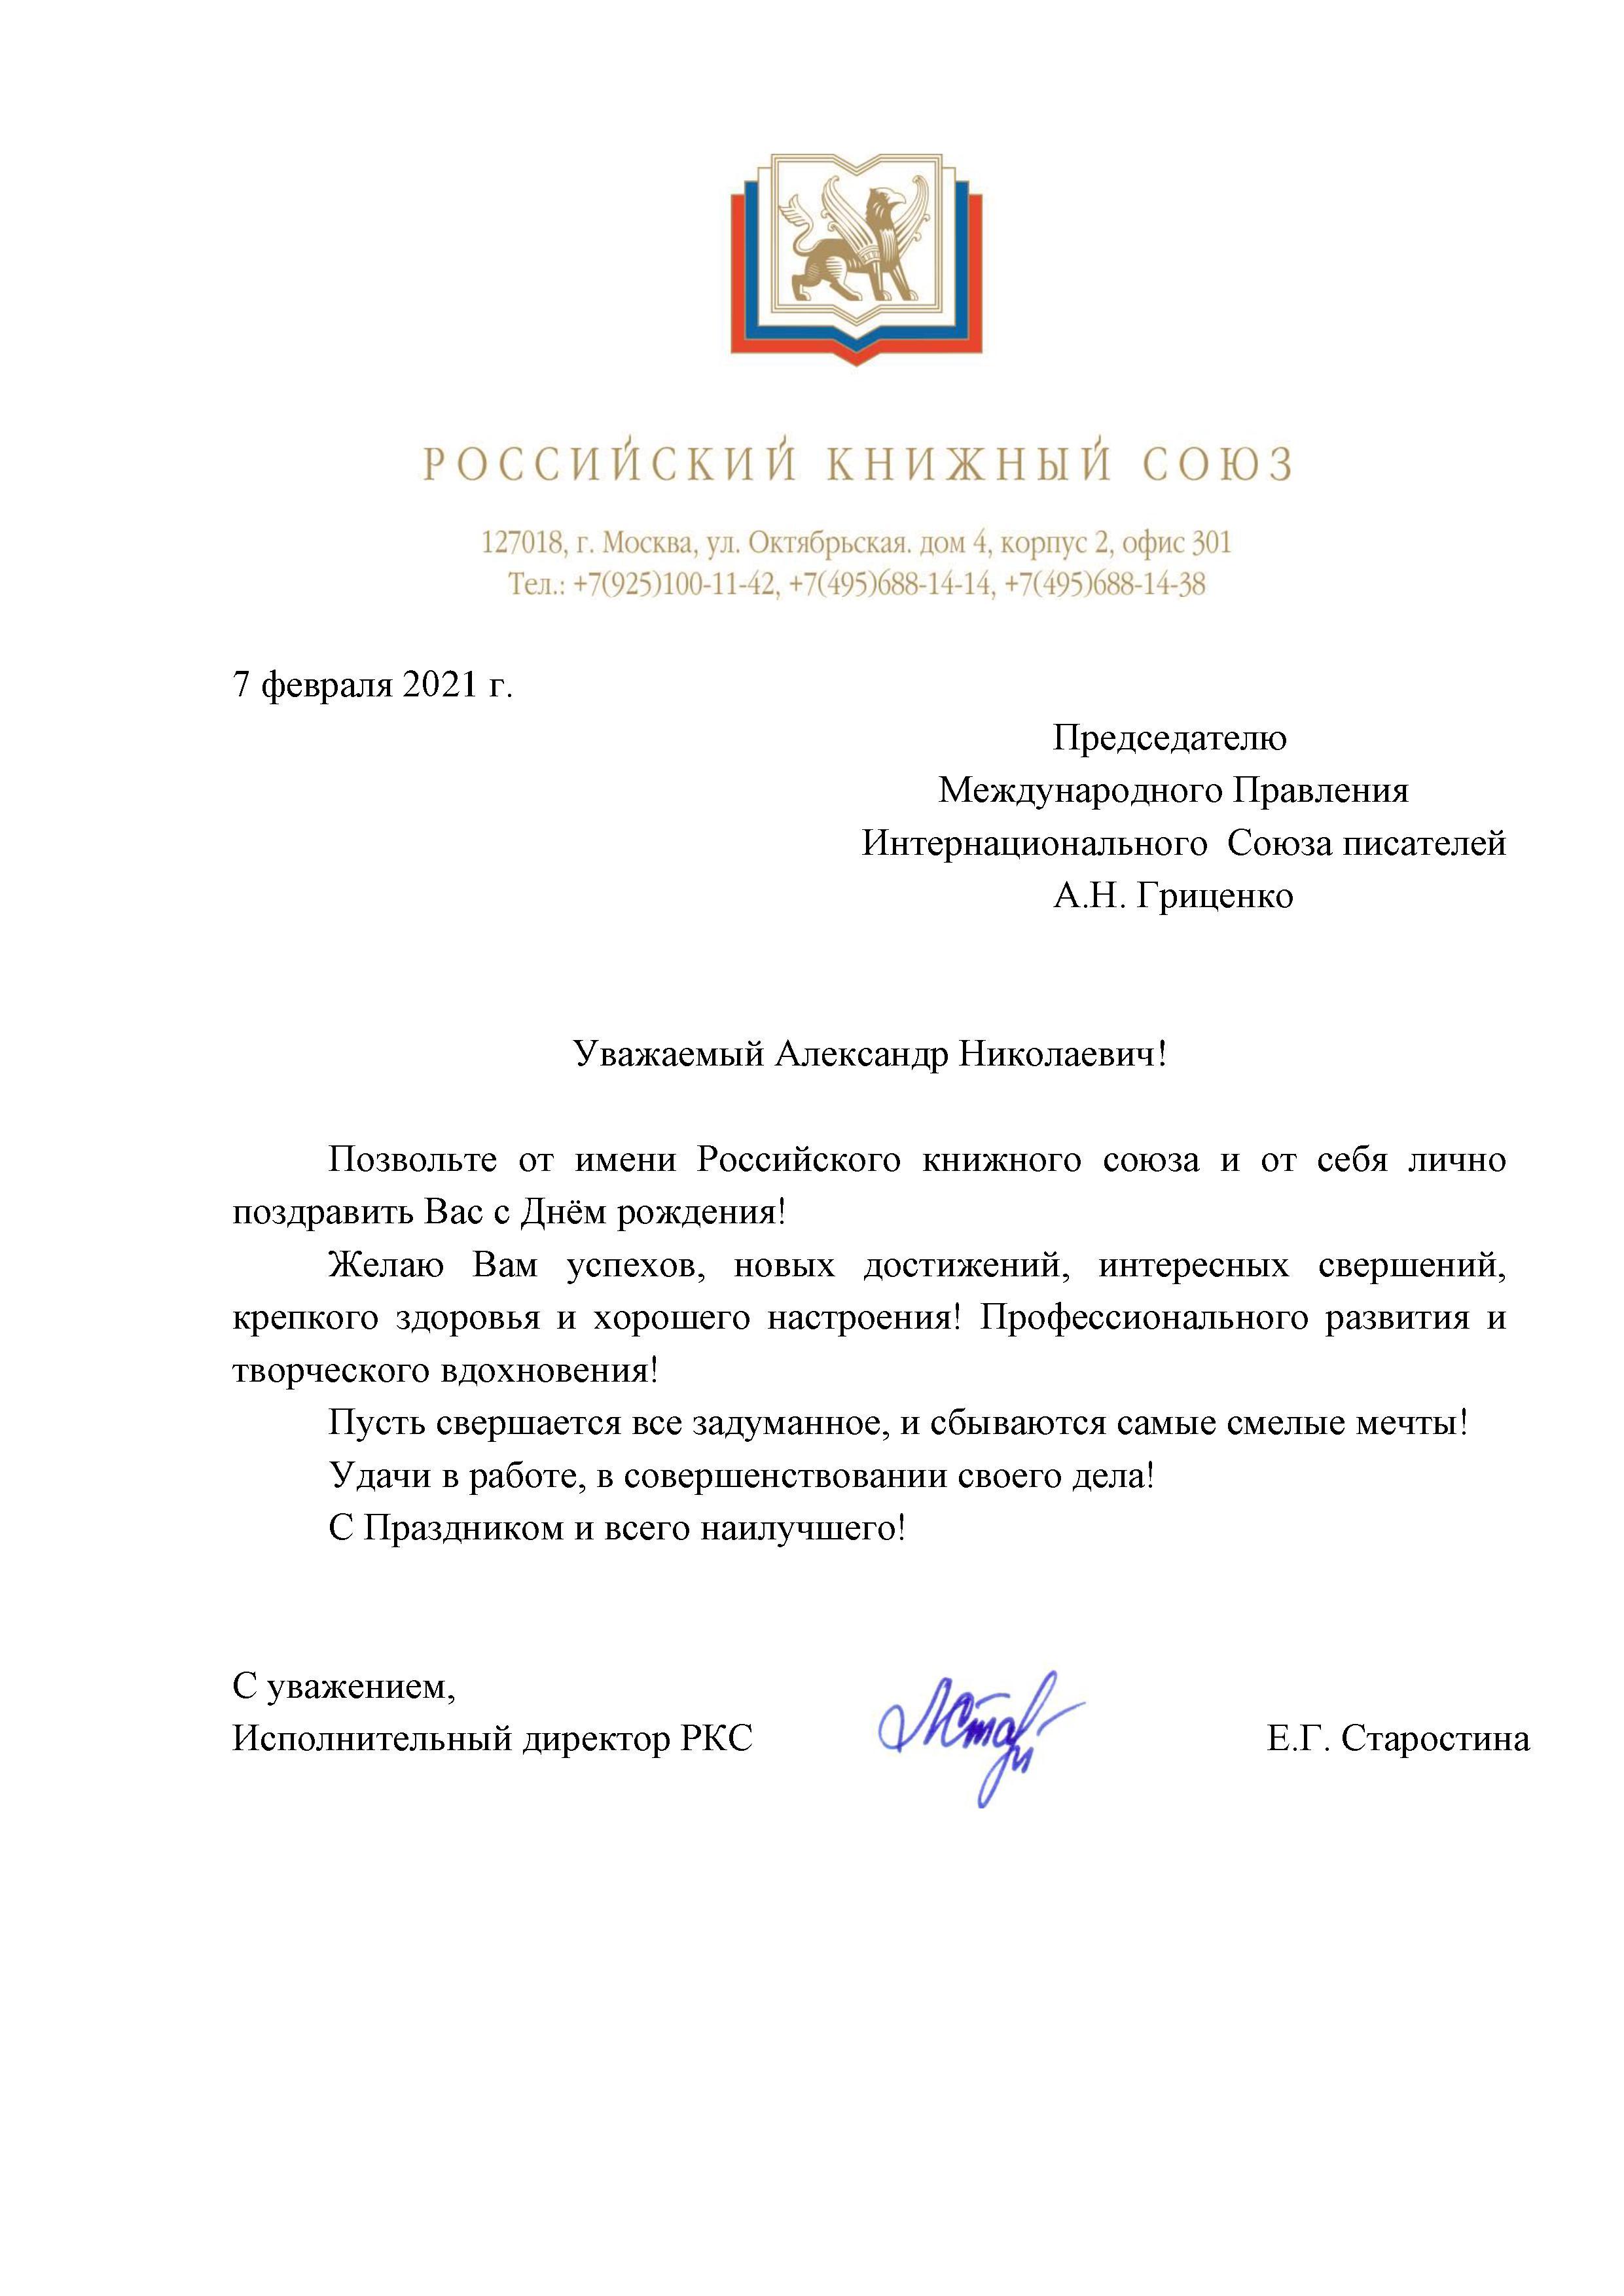 Поздравление от Российского книжного союза